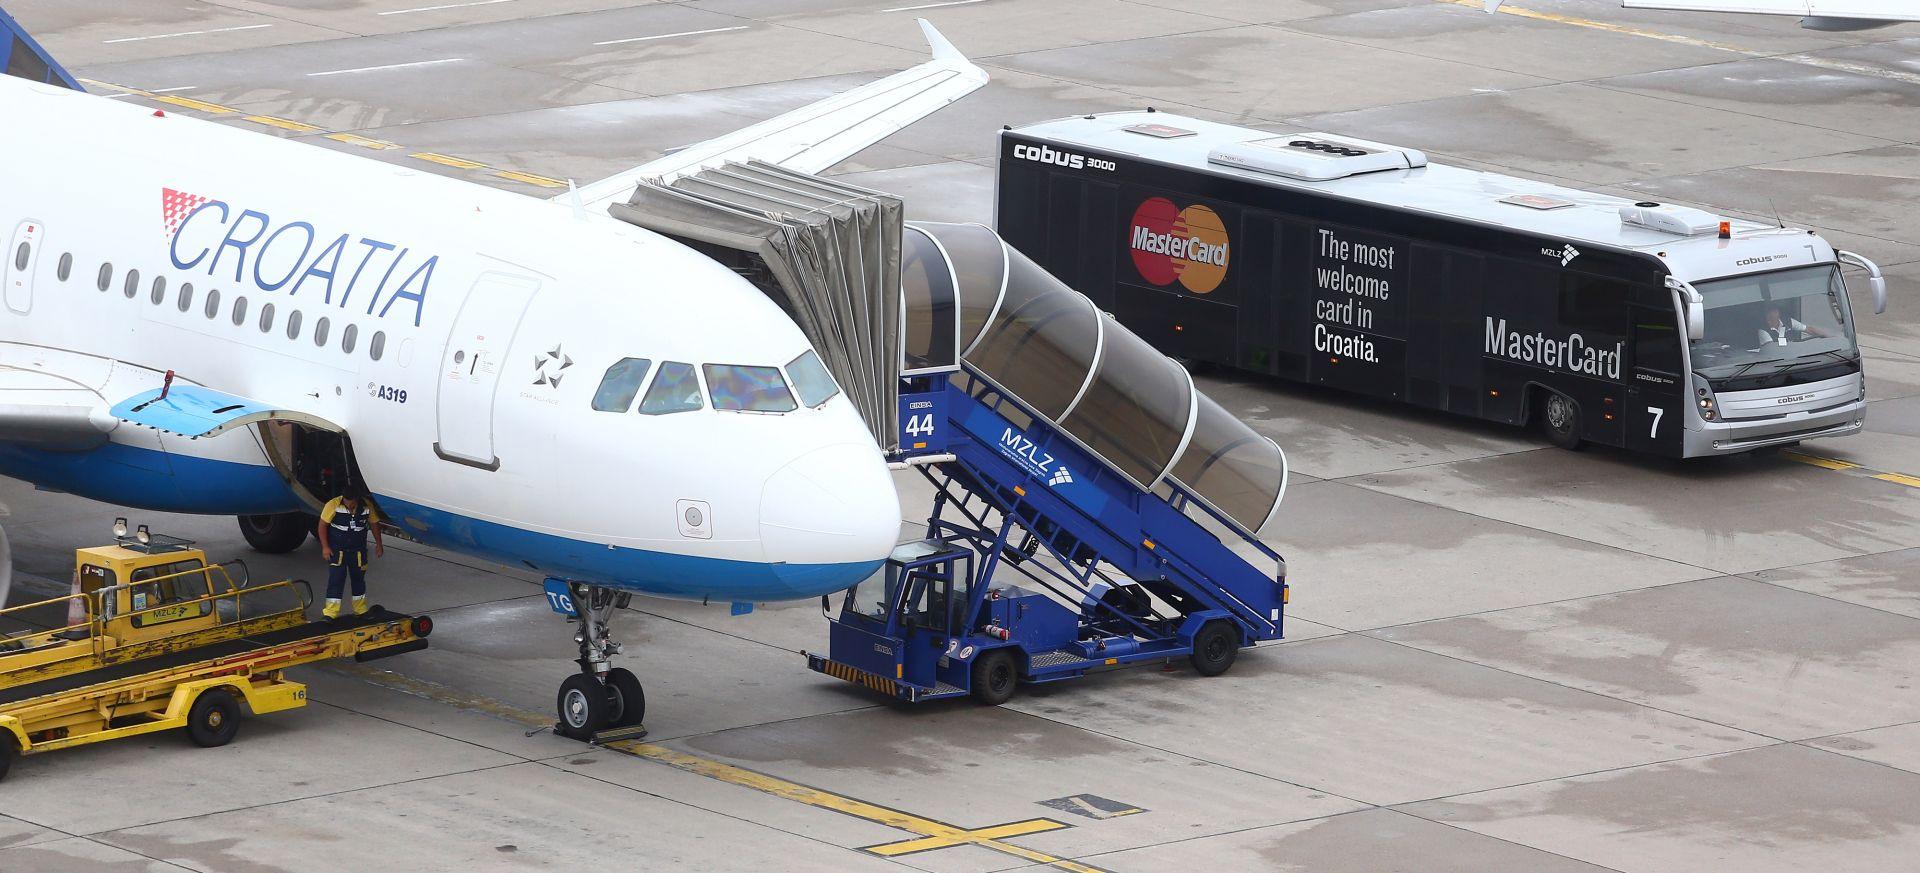 Milijunti putnik Croatia Airlinesa ove godine najranije u povijesti tvrtke